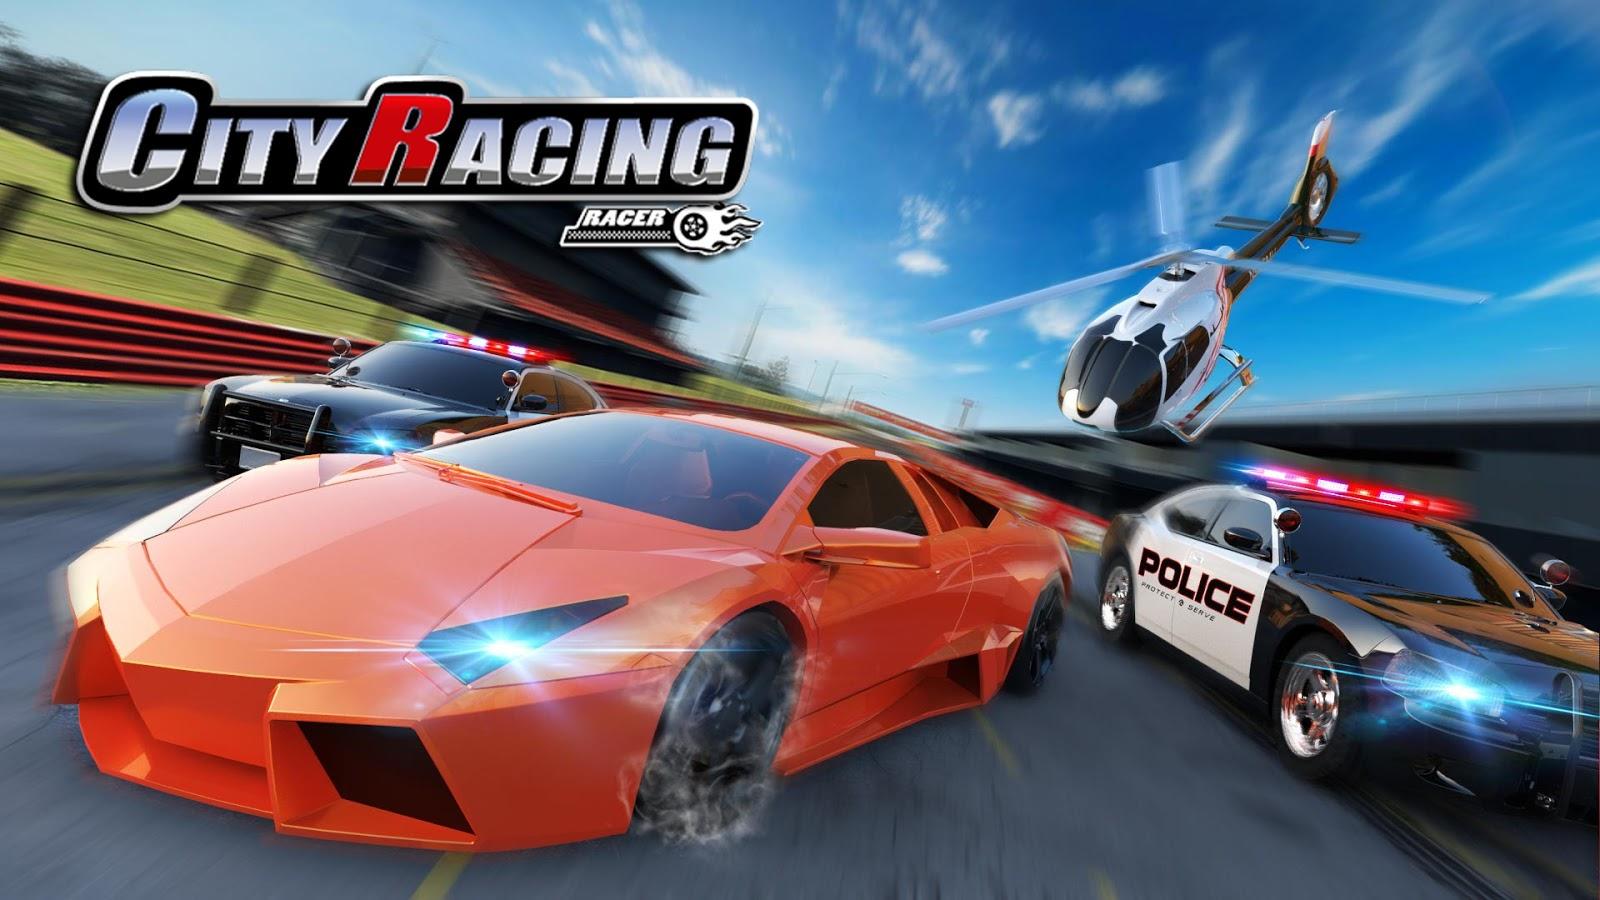 105ad409d تحميلل وتنزيل لعبة 3D City Racing لعبة السيارات الرئعة باخر اصدار مهكرة مال  غير محدود للاندوريد